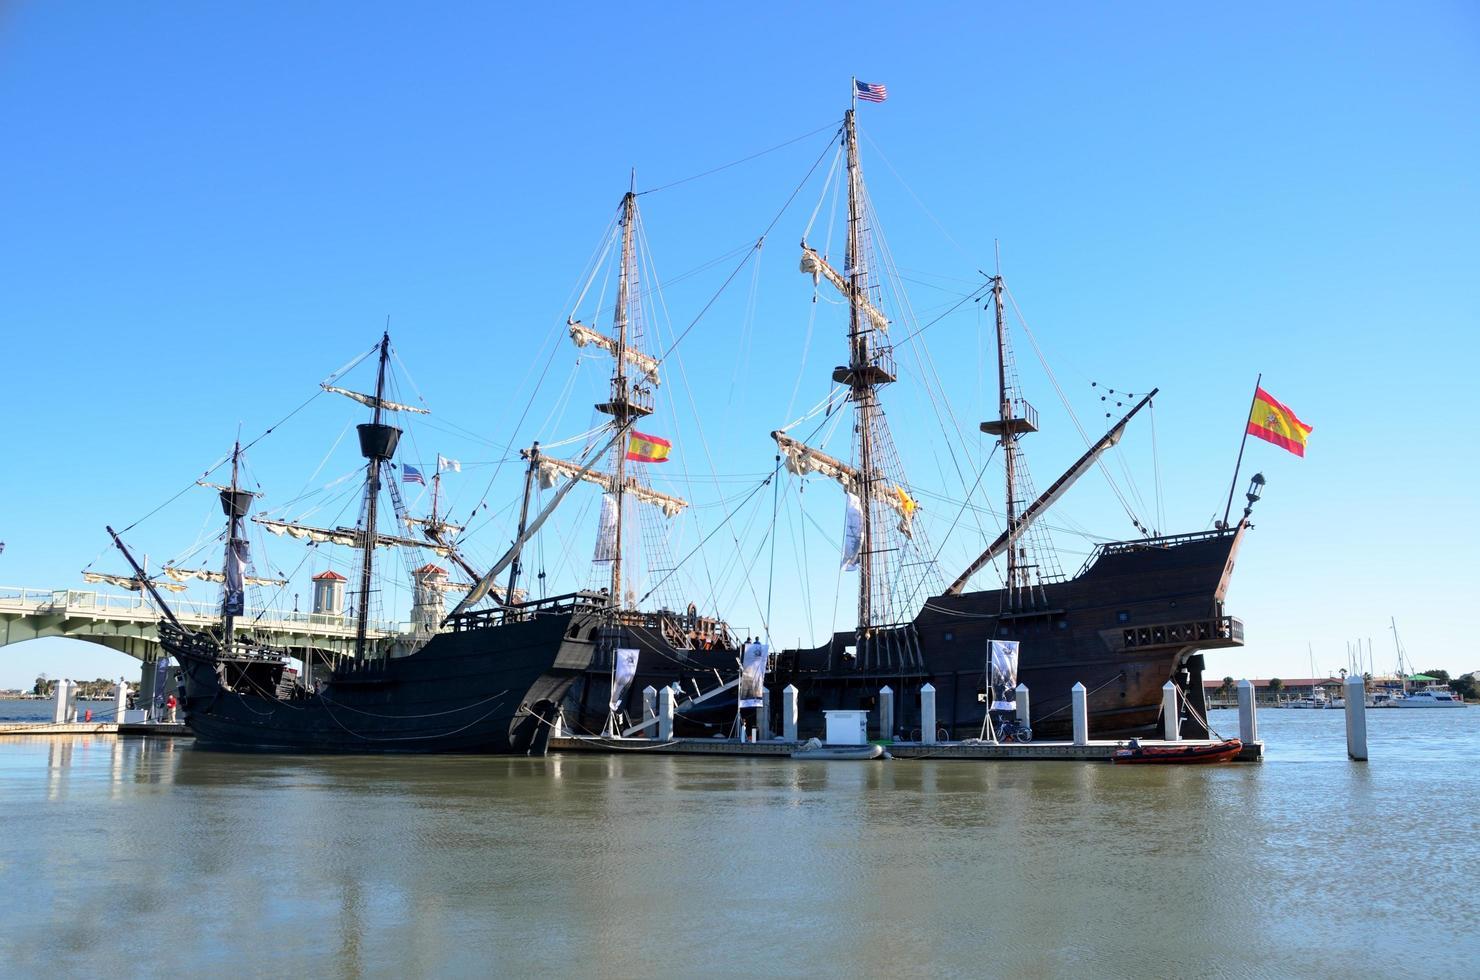 historische galjoenschepen foto